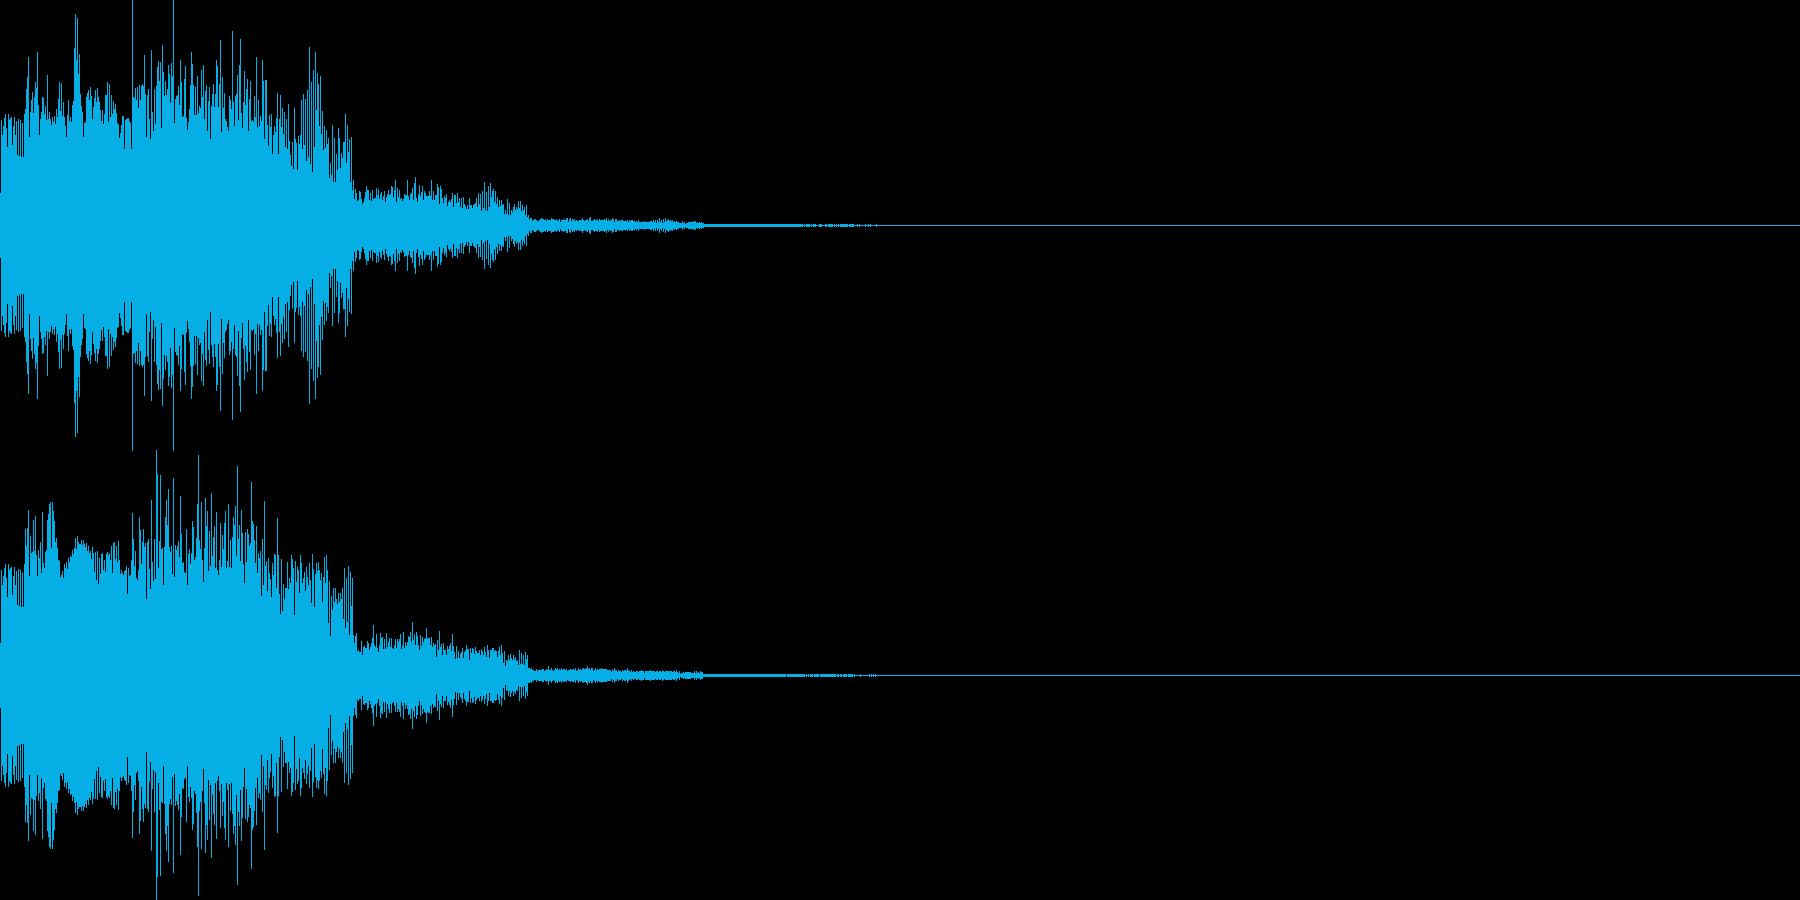 キャンセル音11(シンセ系Q)の再生済みの波形